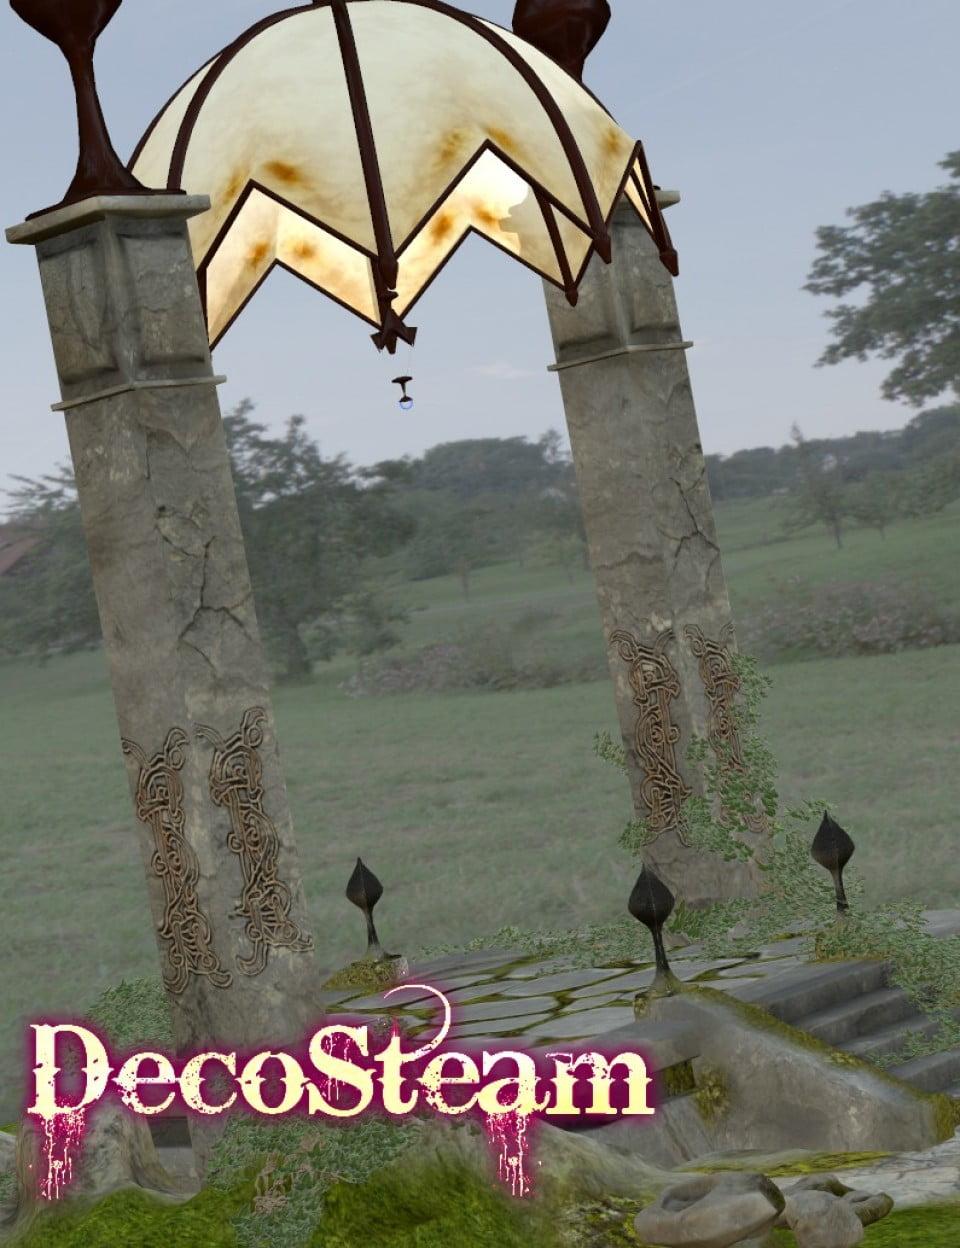 Deco Steam